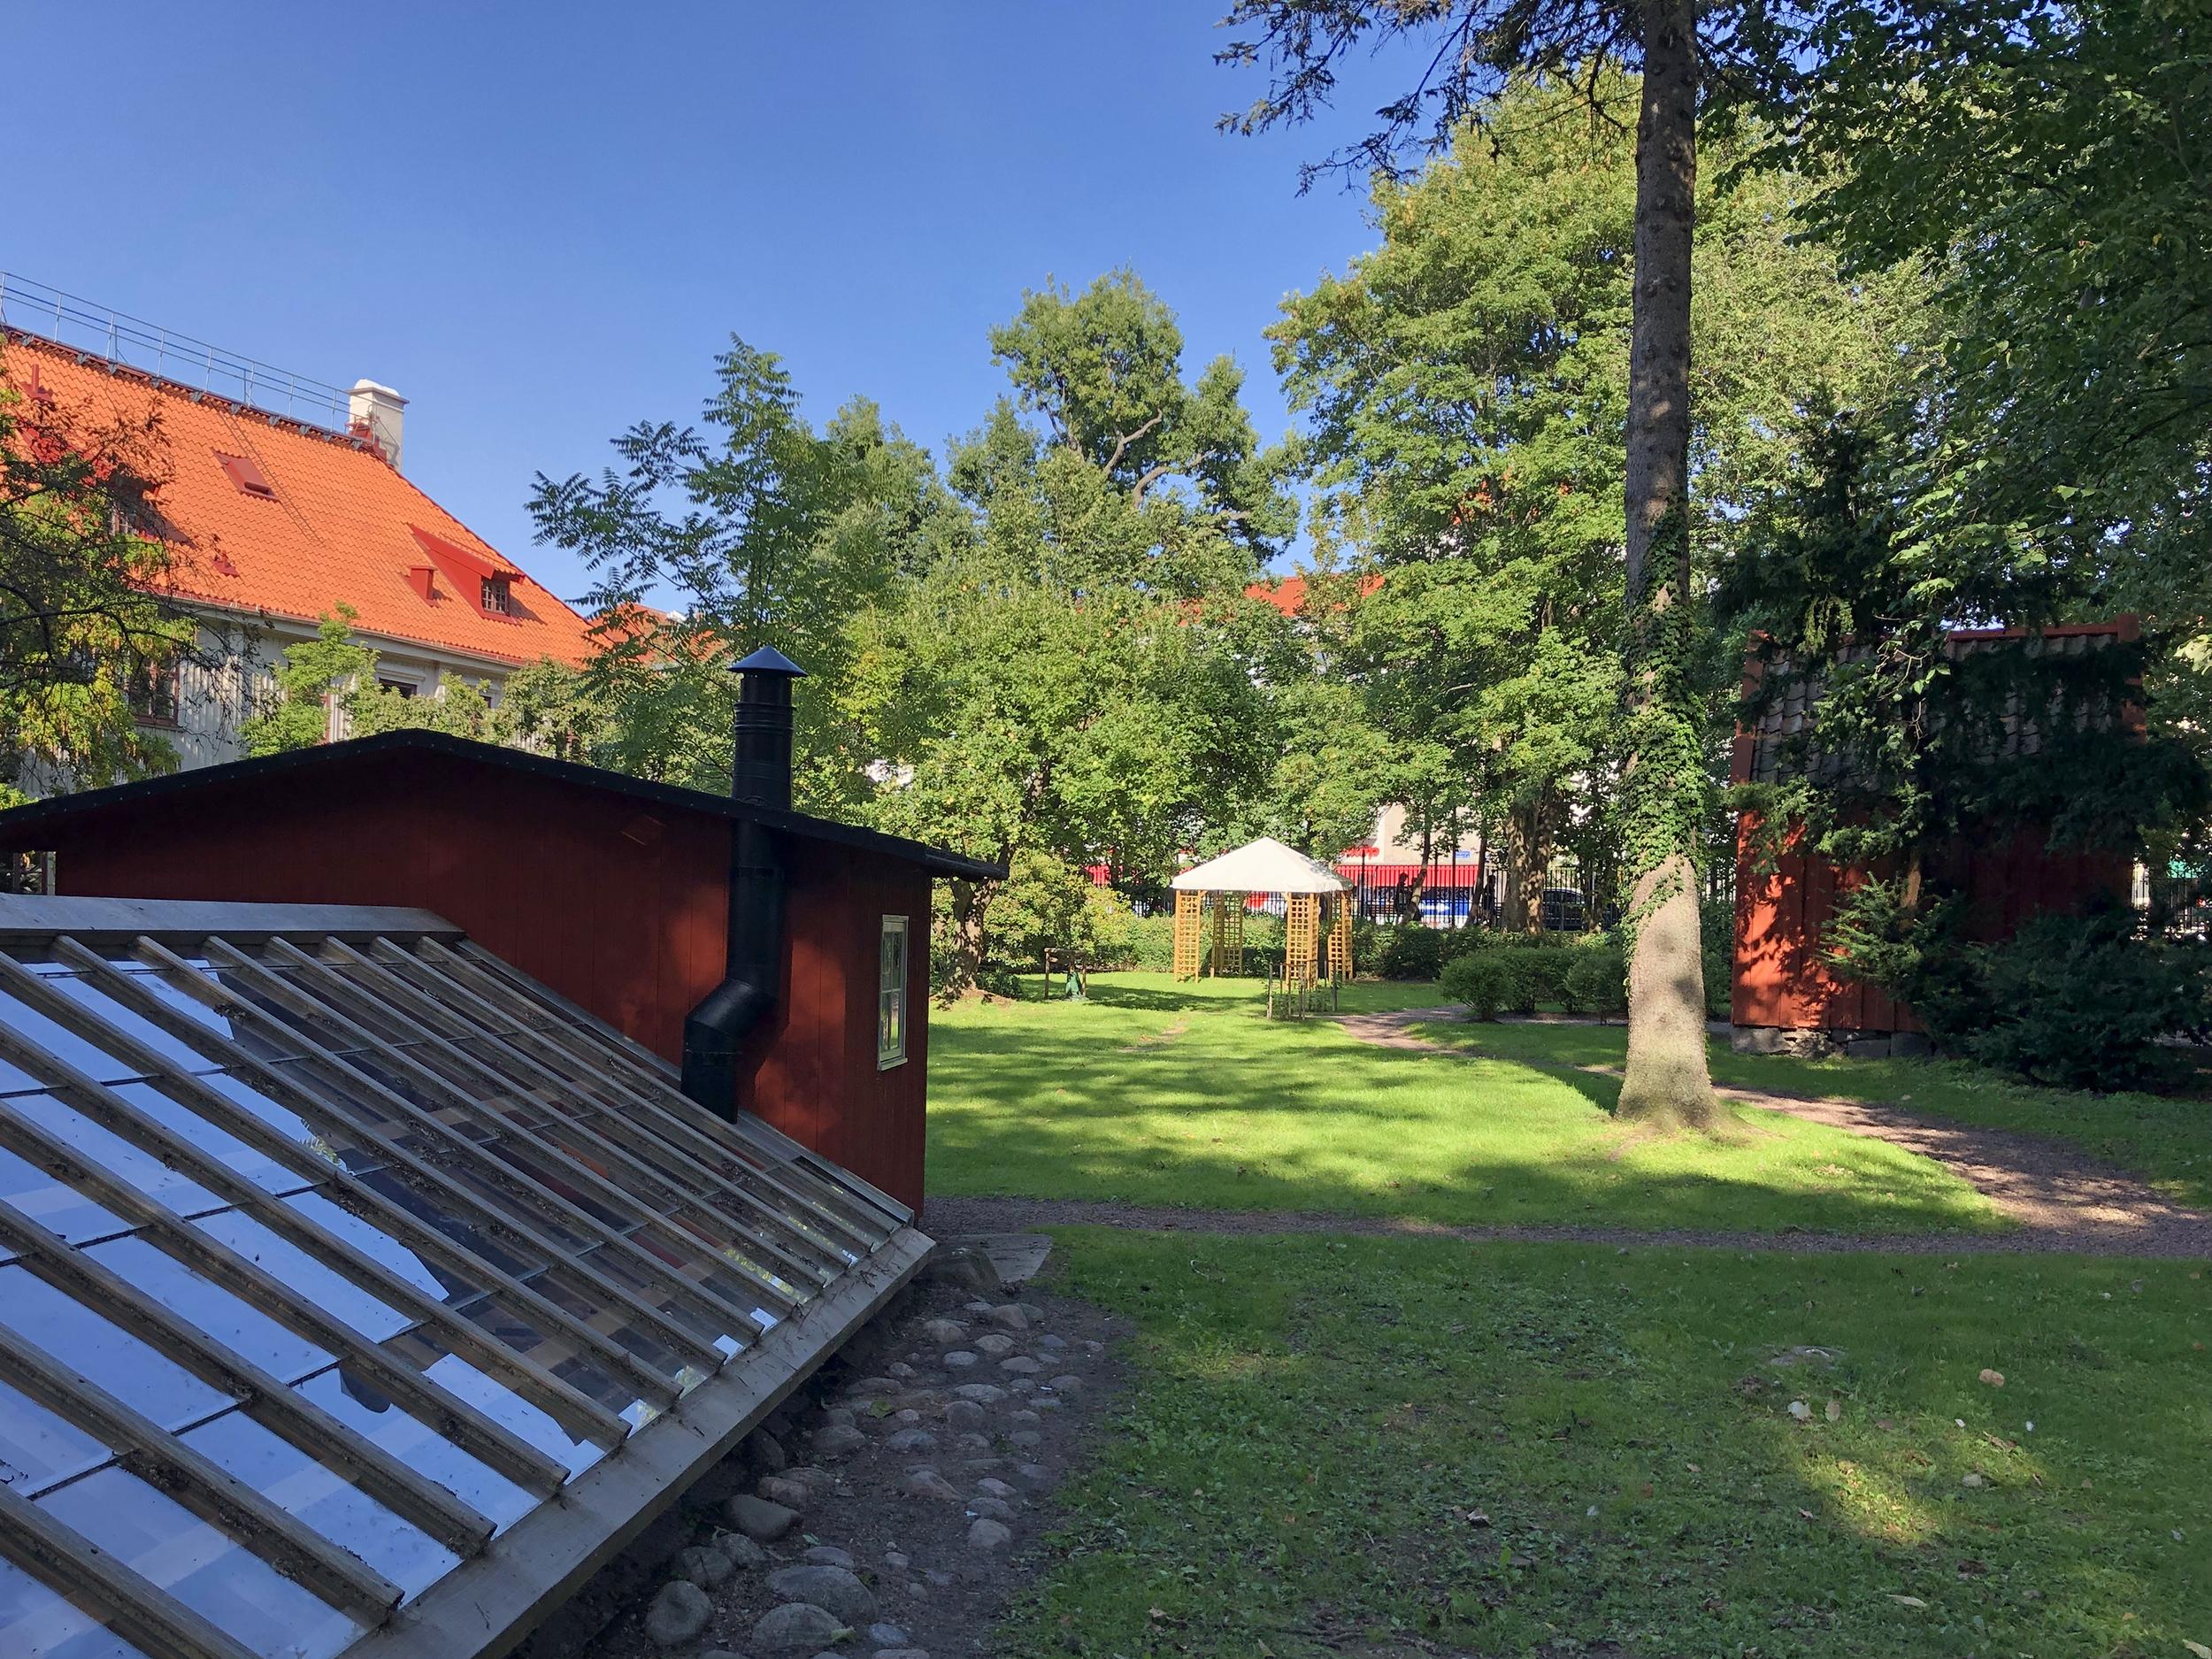 En grönskande trädgård med röda bodar och ett större hus.